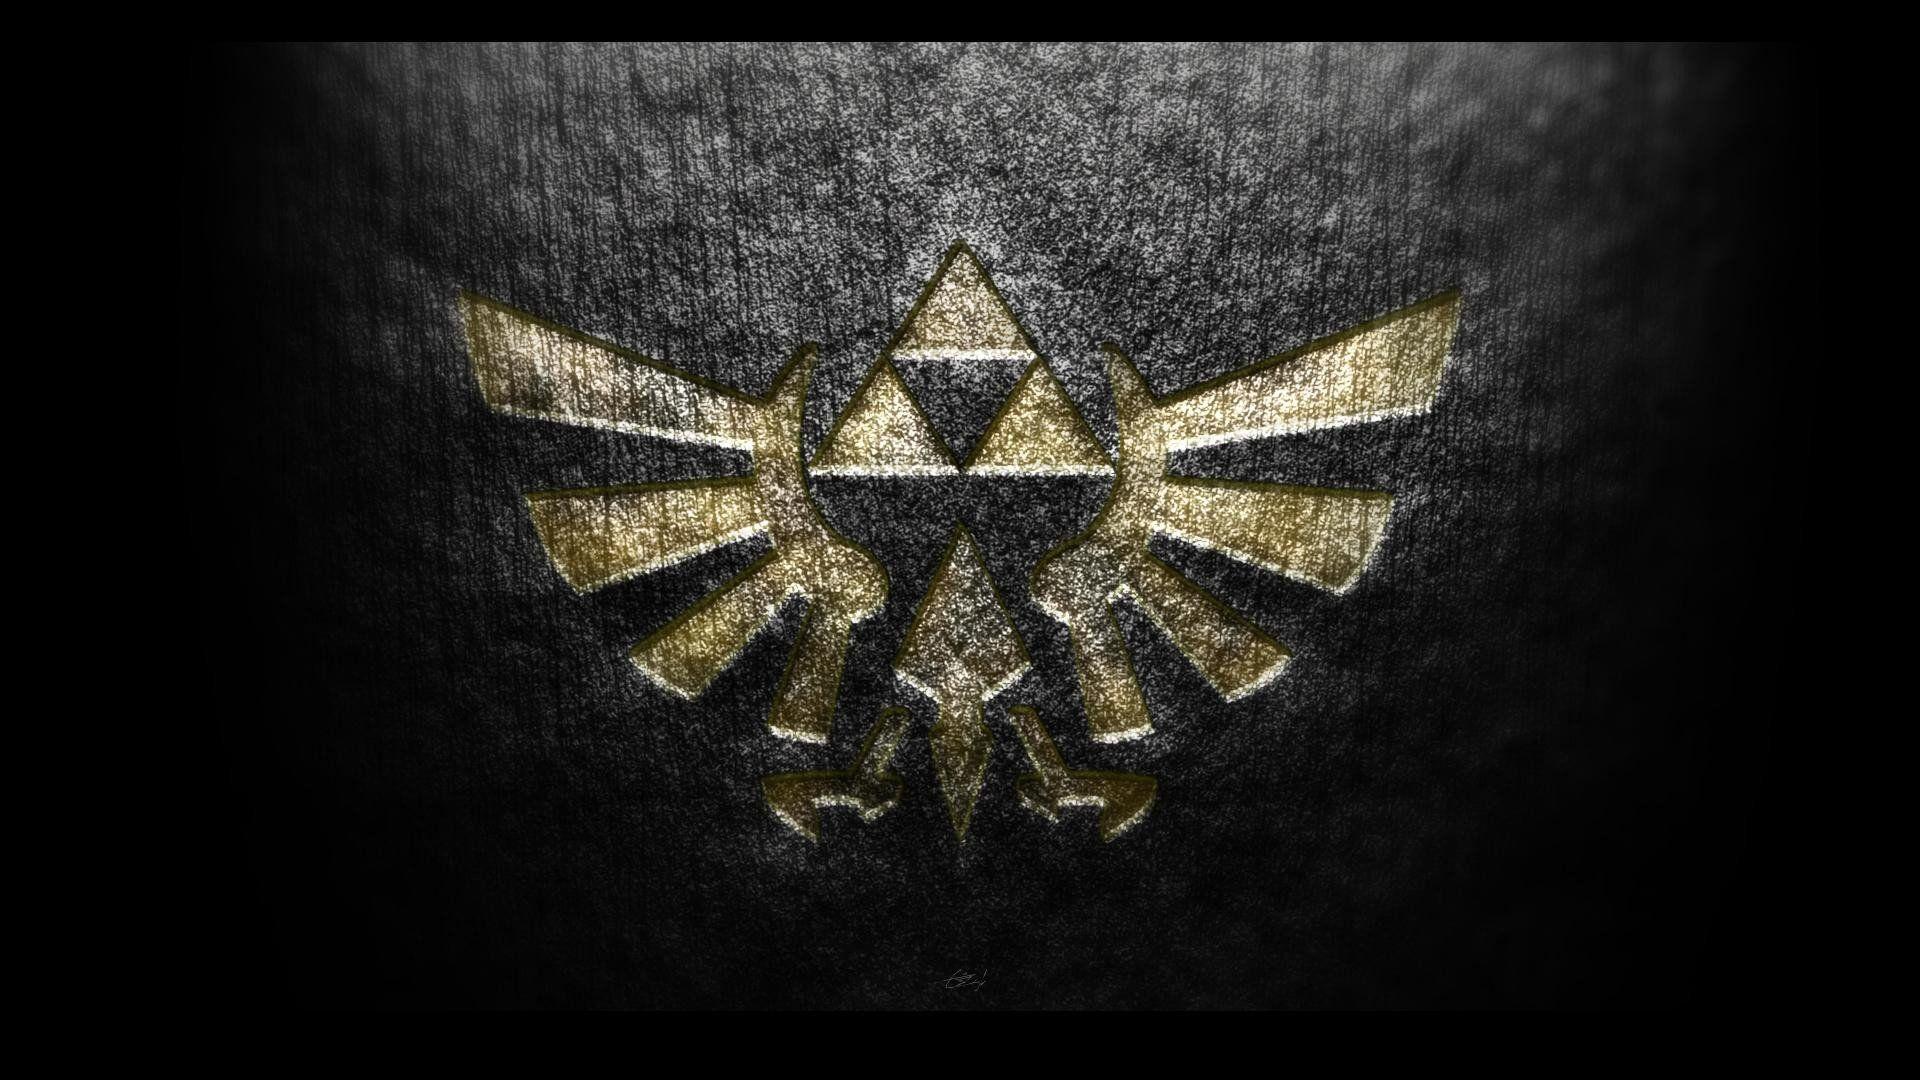 Hyrule The Legend Of Zelda Hyrule Crest Wallpaper 1920x1080 295497 Zelda Hd Background Images Hd Legend Of Zelda